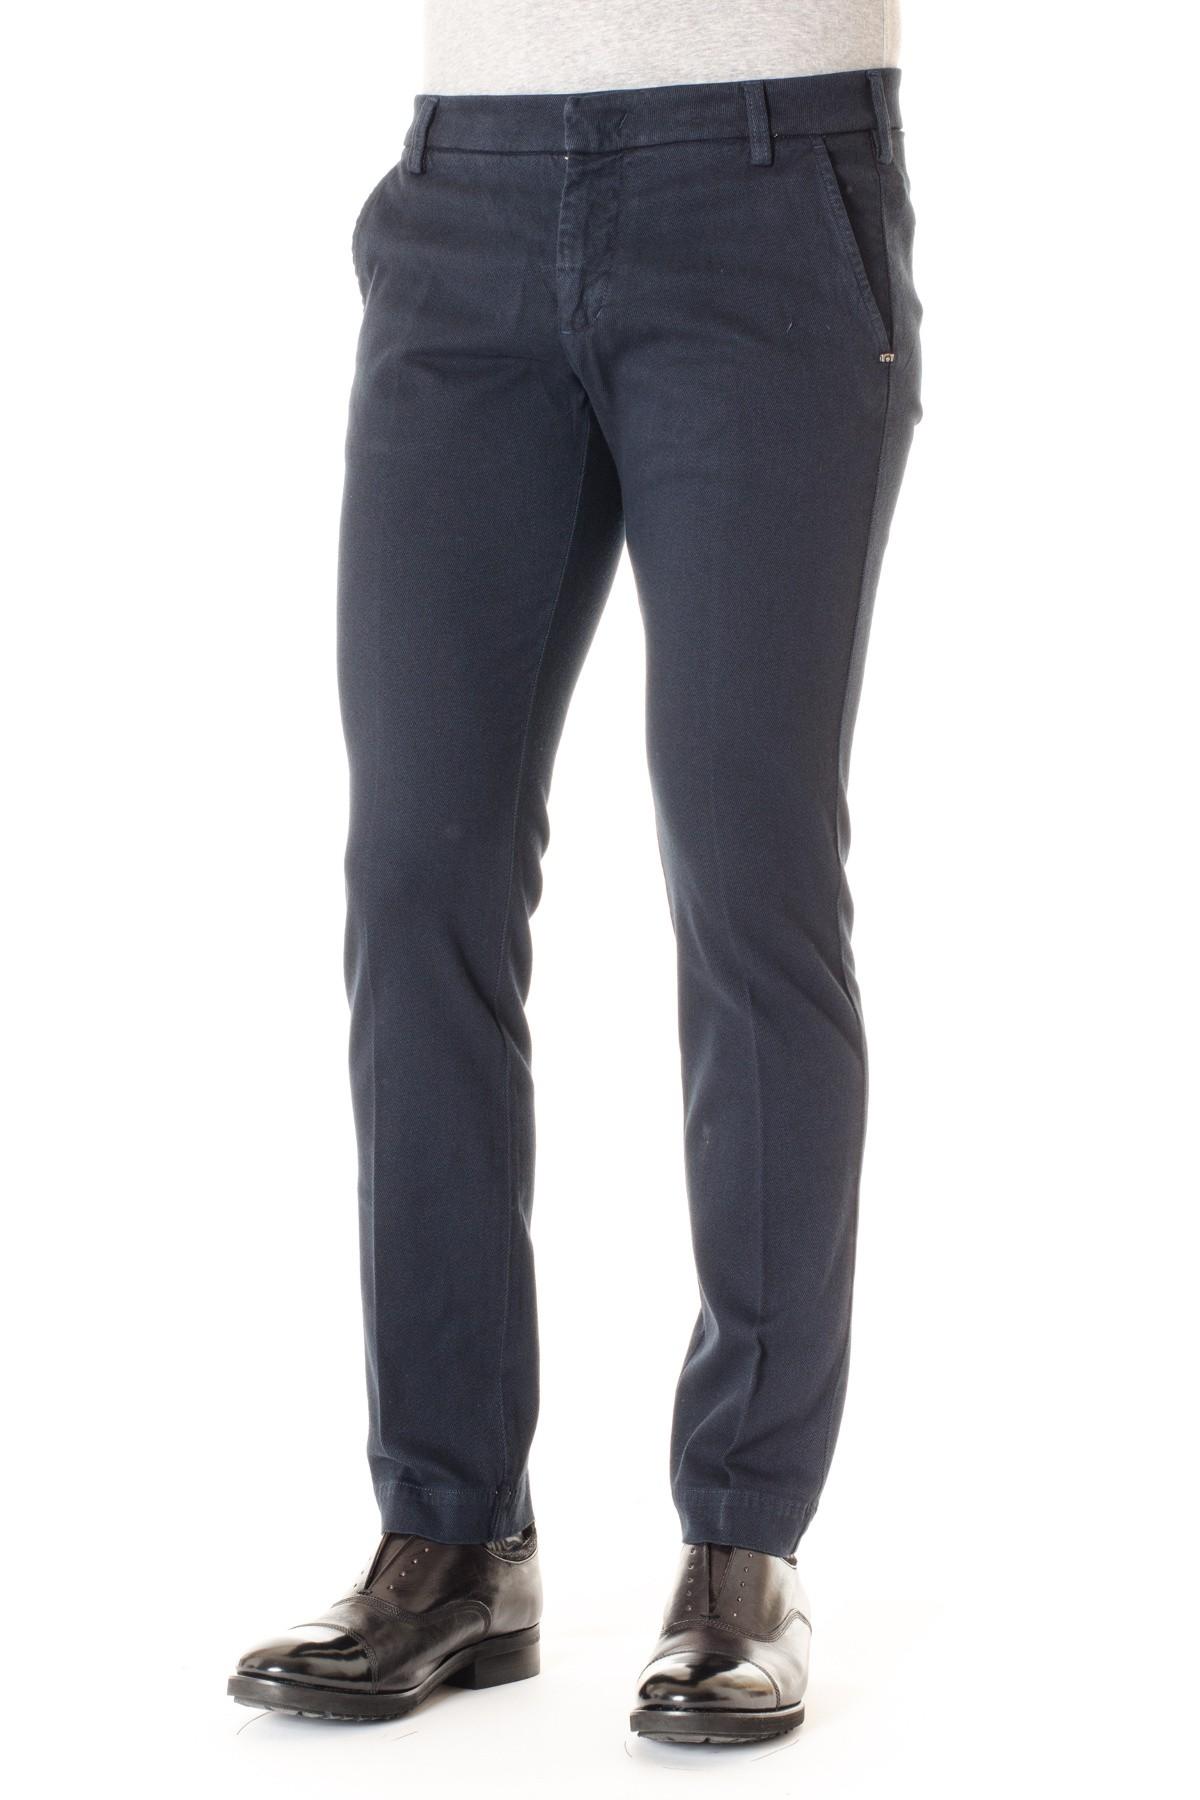 01f2433bea254 ENTRE AMIS Pantaloni in cotone blu A I per uomo - Rione Fontana